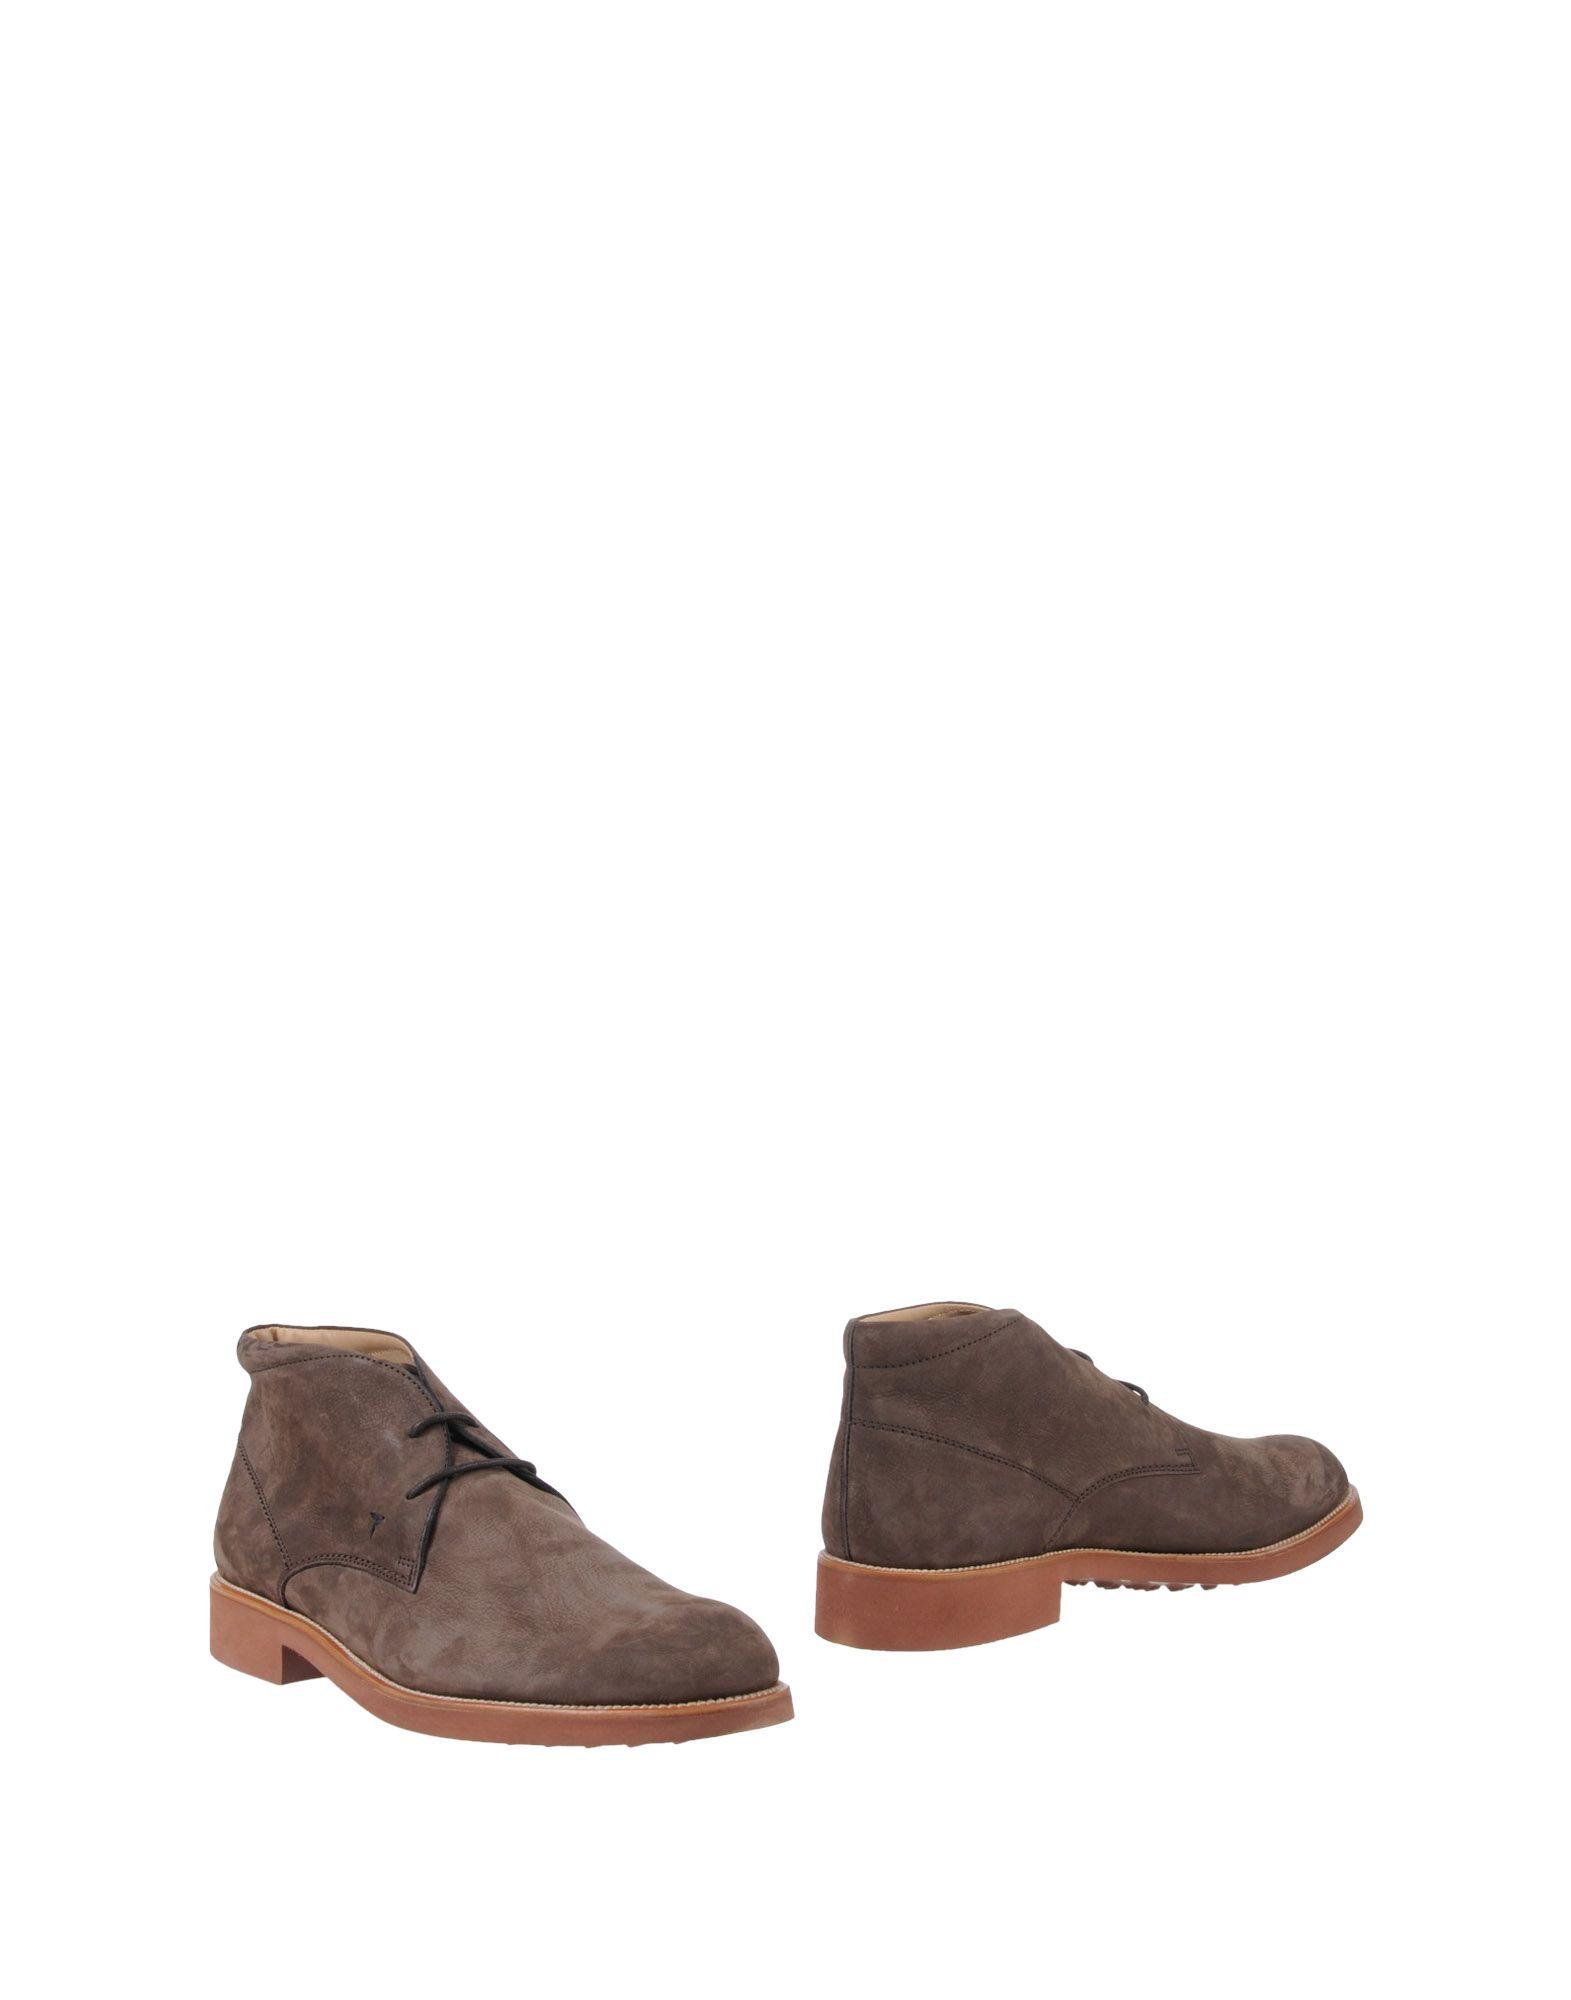 Tod's Stiefelette Herren  11174684IT Gute Qualität beliebte Schuhe